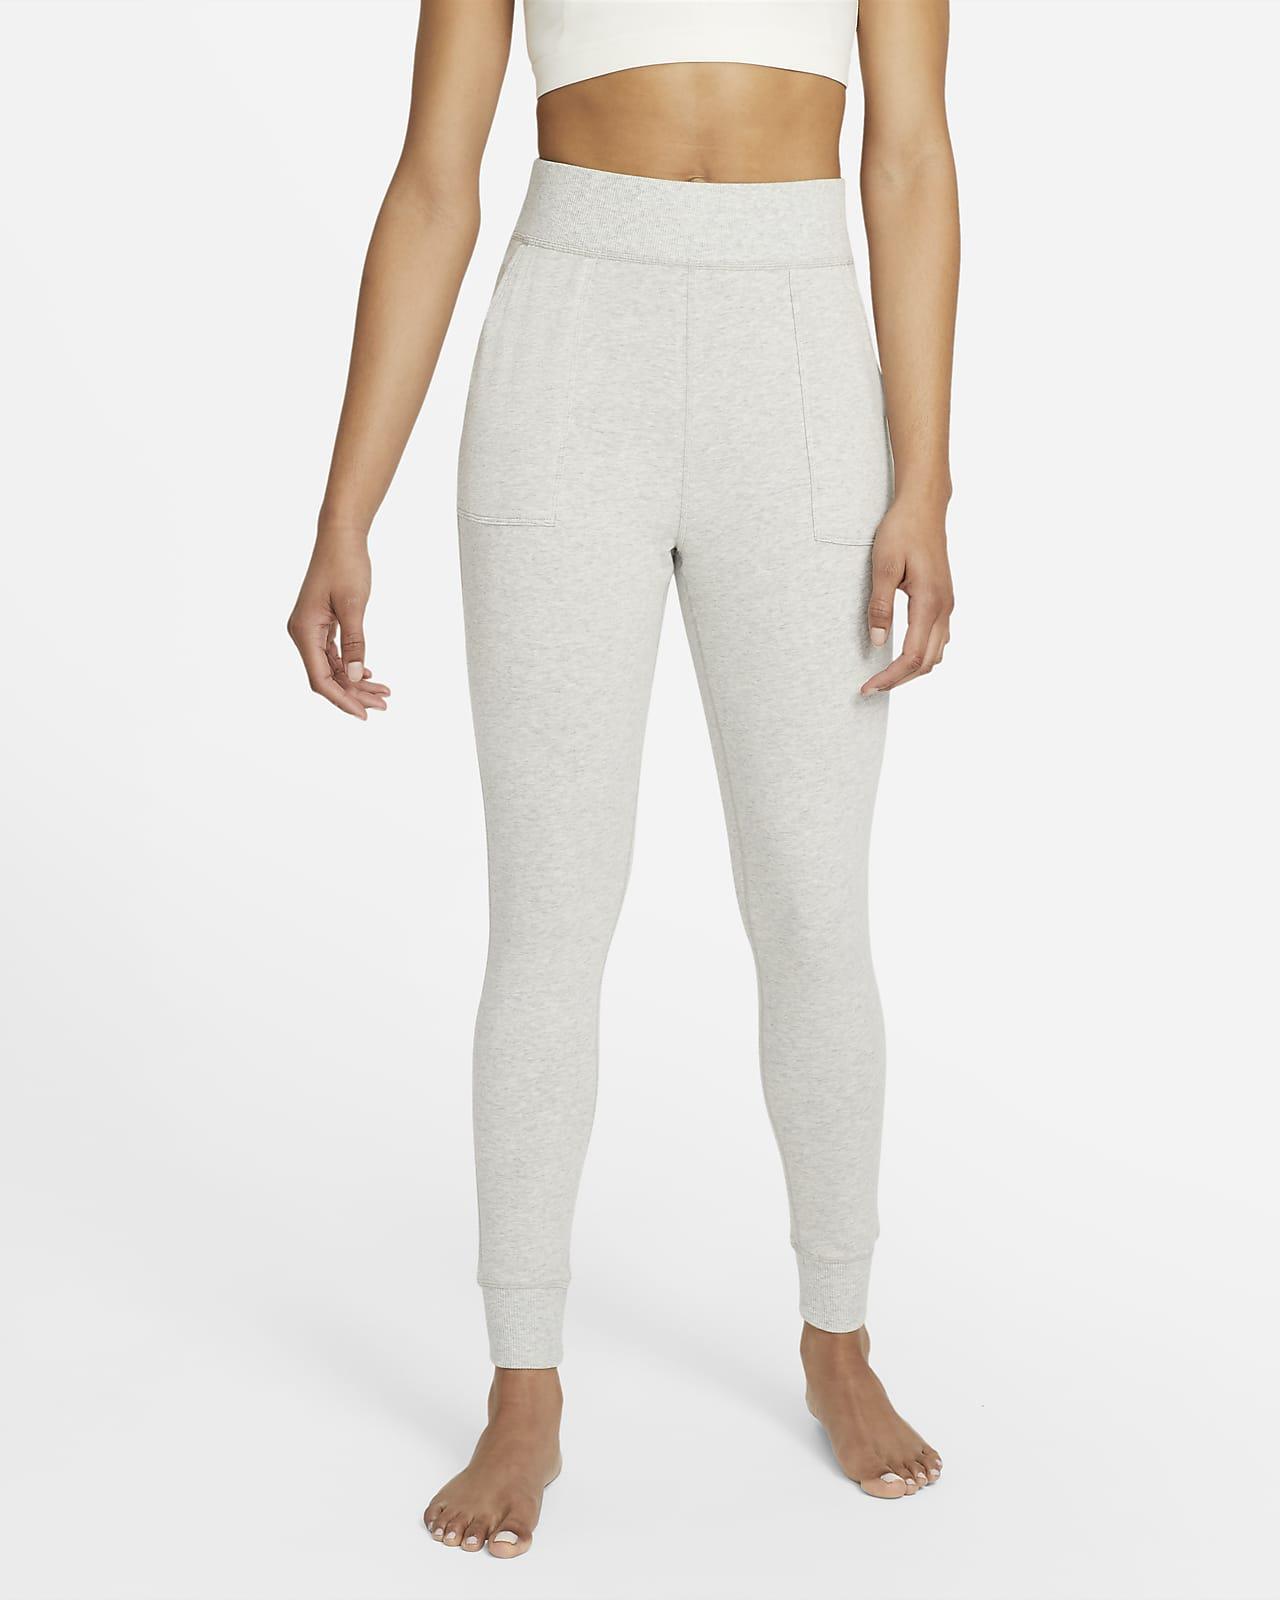 Nike Yoga Women's 7/8 Fleece Pants